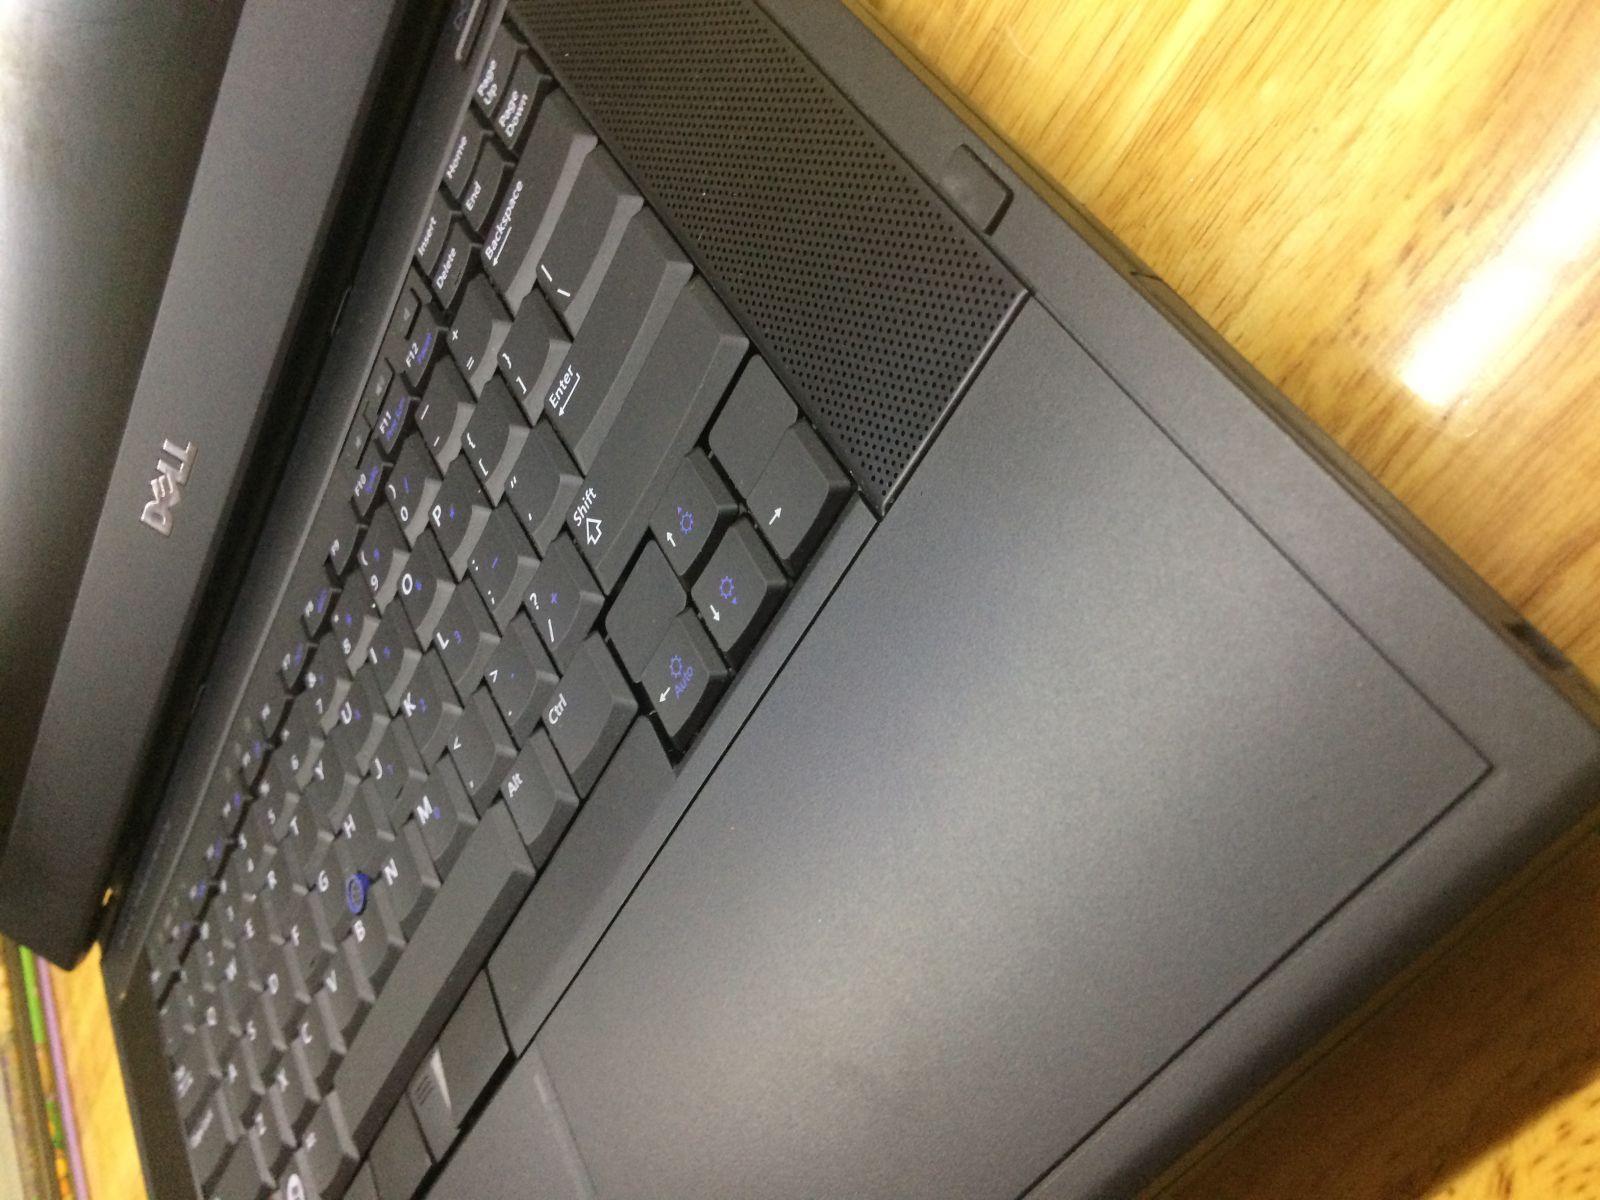 DELL Precision M4500 (Core i7-620M, Ram 4GB, HDD 250GB, Màn Hình 15.6 inch)